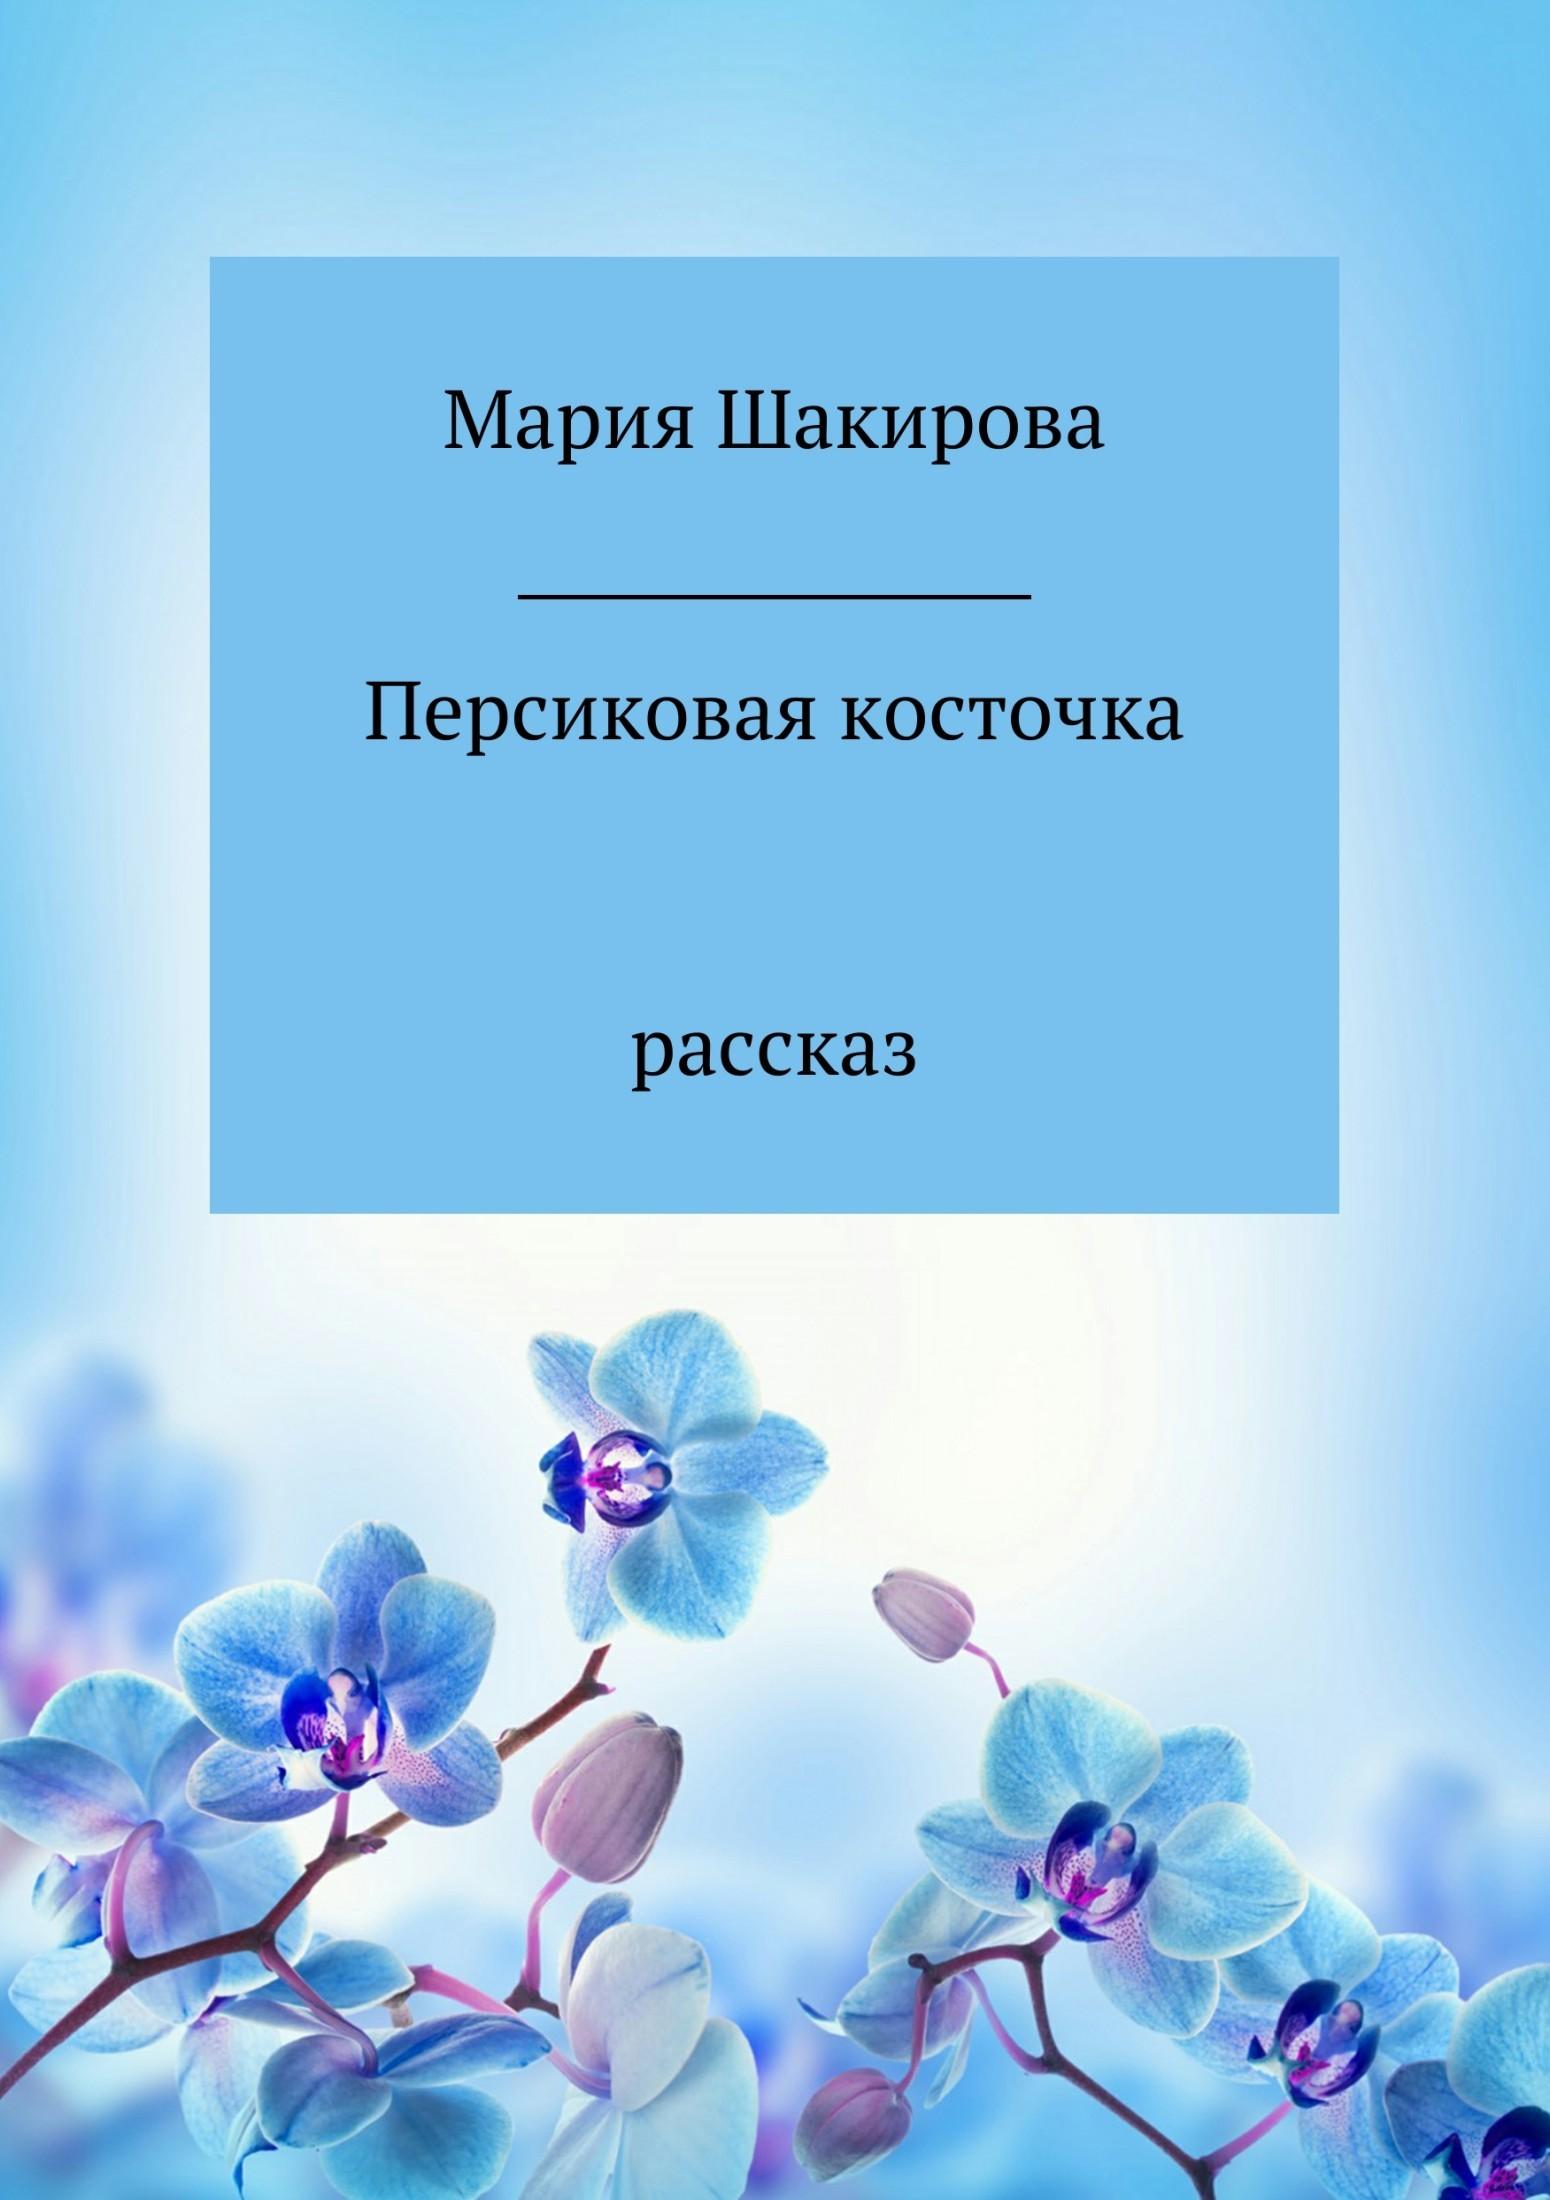 Мария Николаевна Шакирова Персиковая косточка микровуаль garden выс 290см персиковая